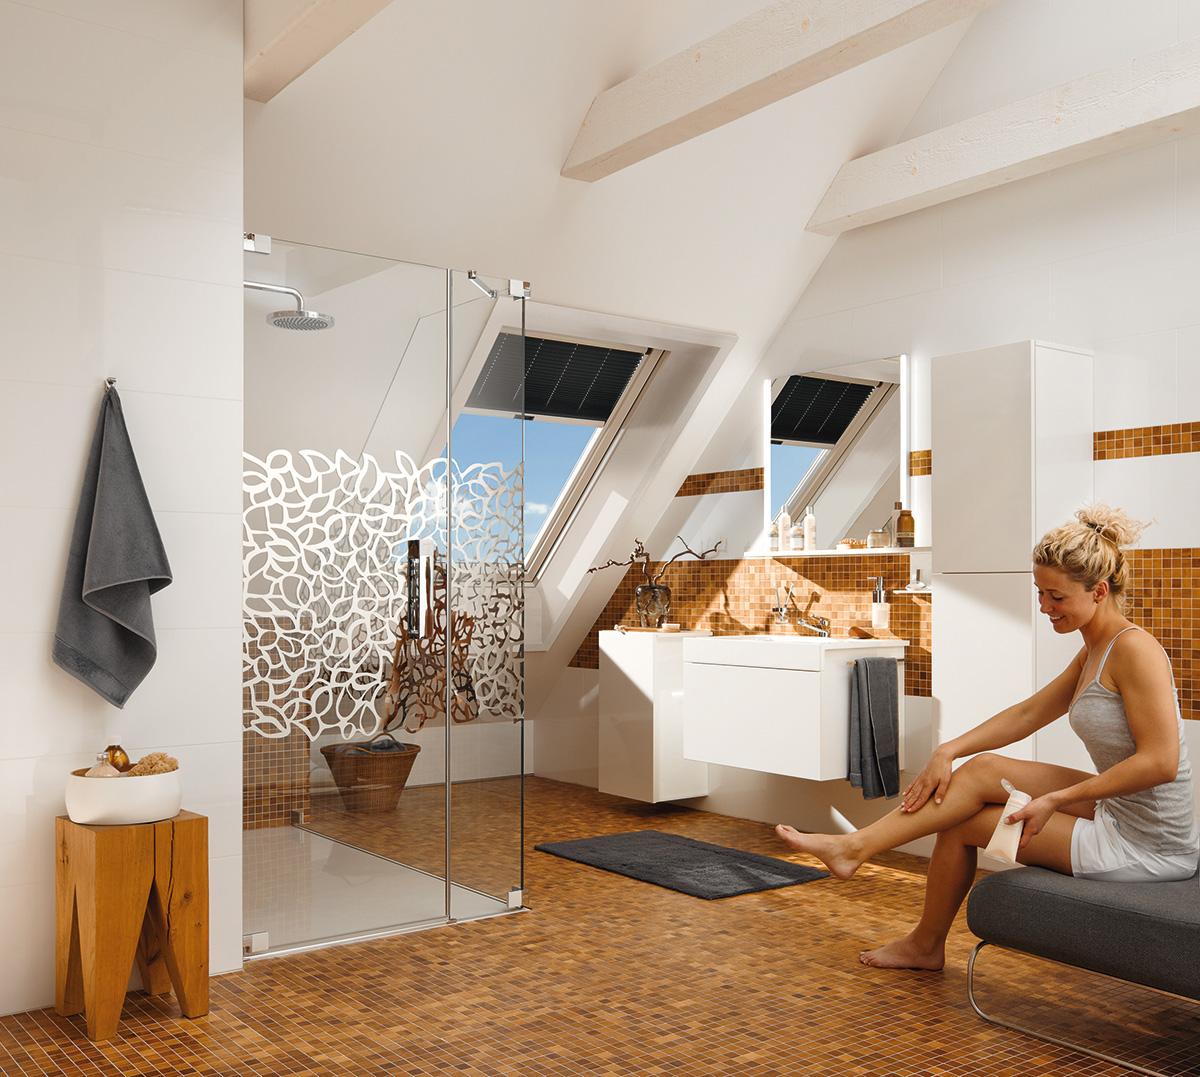 kunststoff klapp schwingfenster mit plissee als sichtschutz bauwiki. Black Bedroom Furniture Sets. Home Design Ideas